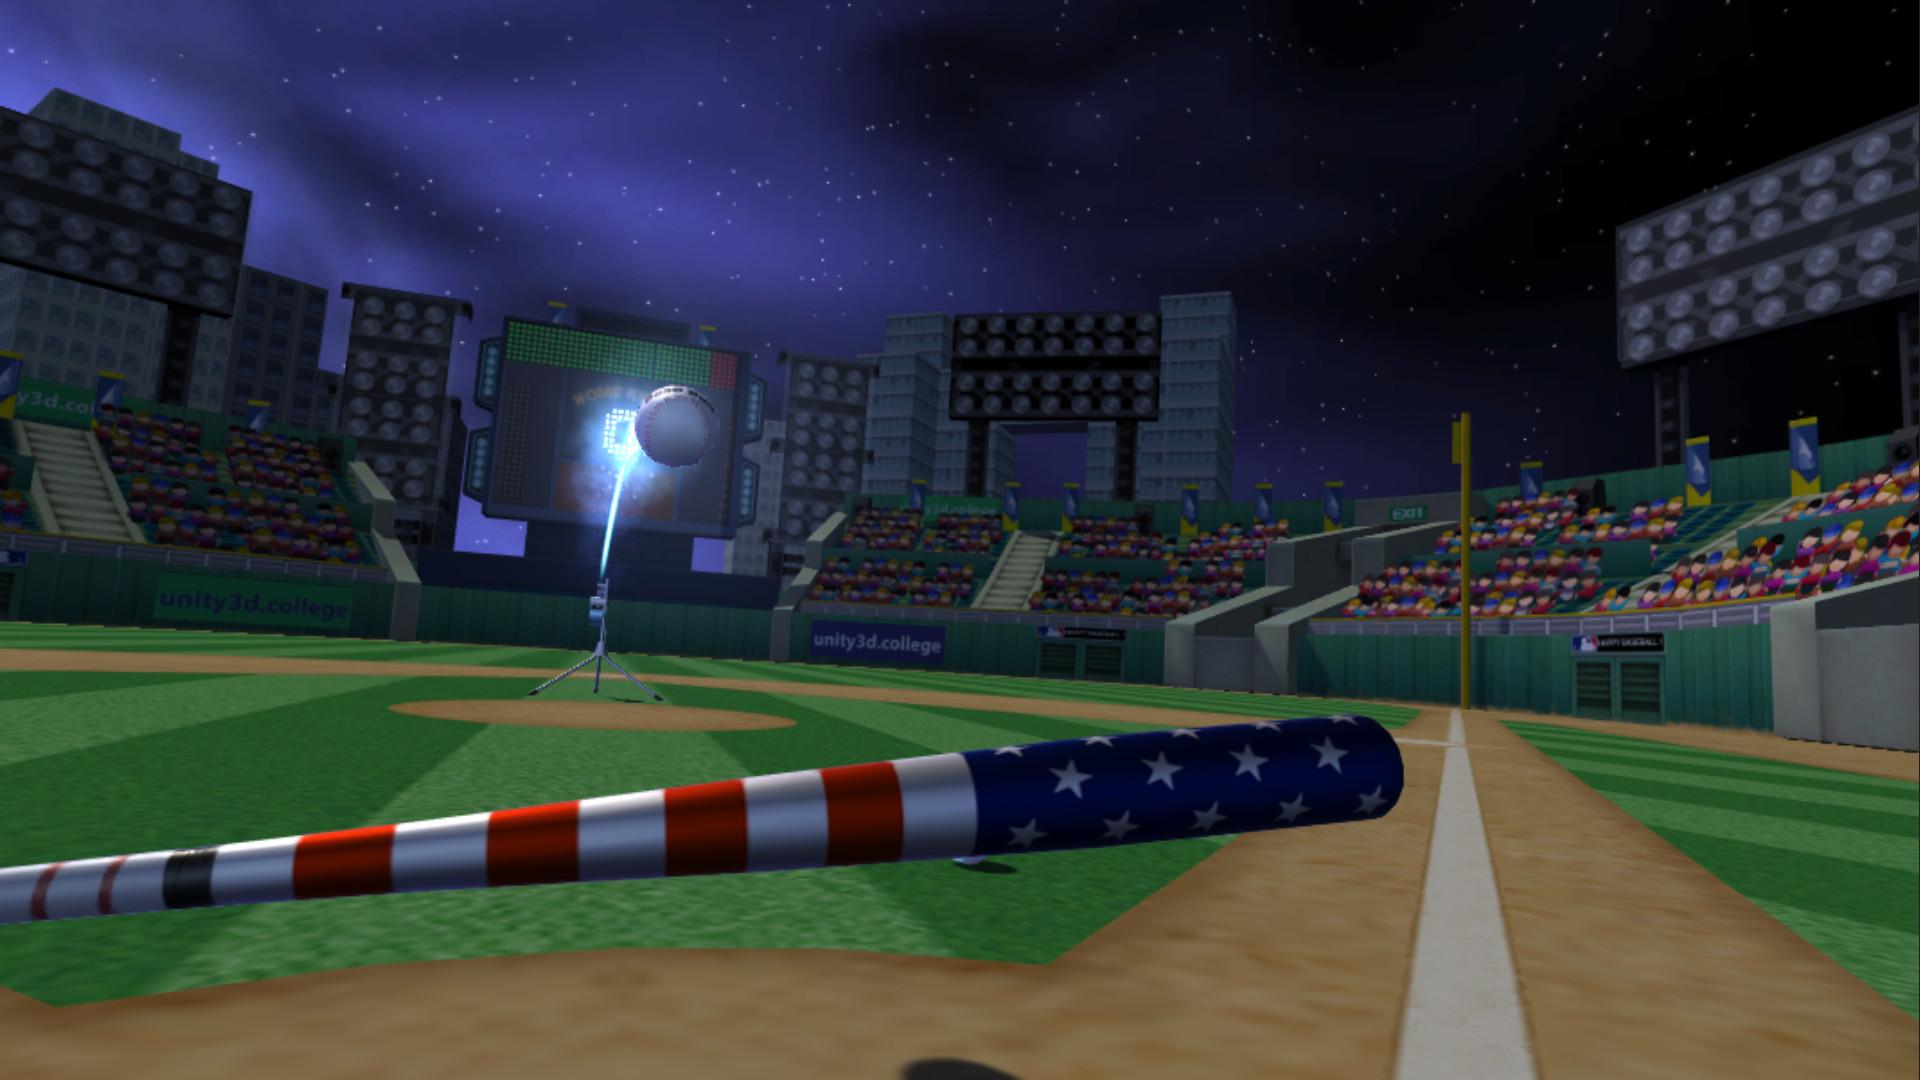 Vive vr baseball home run derby for Vr for home